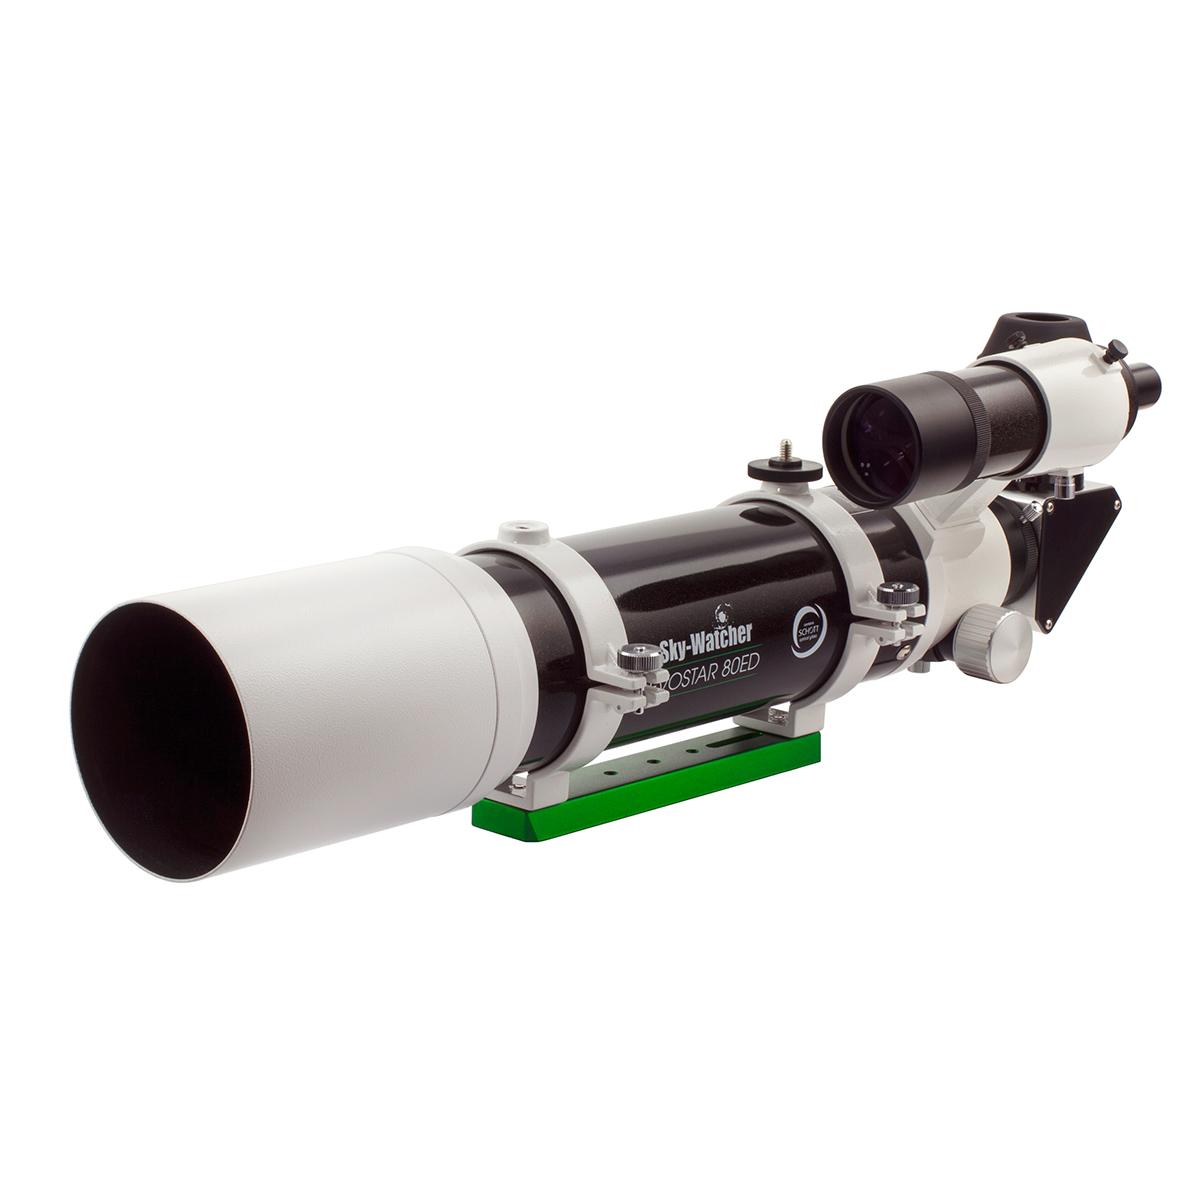 Tubo ottico Rifrattore Skywatcher Apocromatico, diametro 80 mm, ED Evostar 80/600con accessori